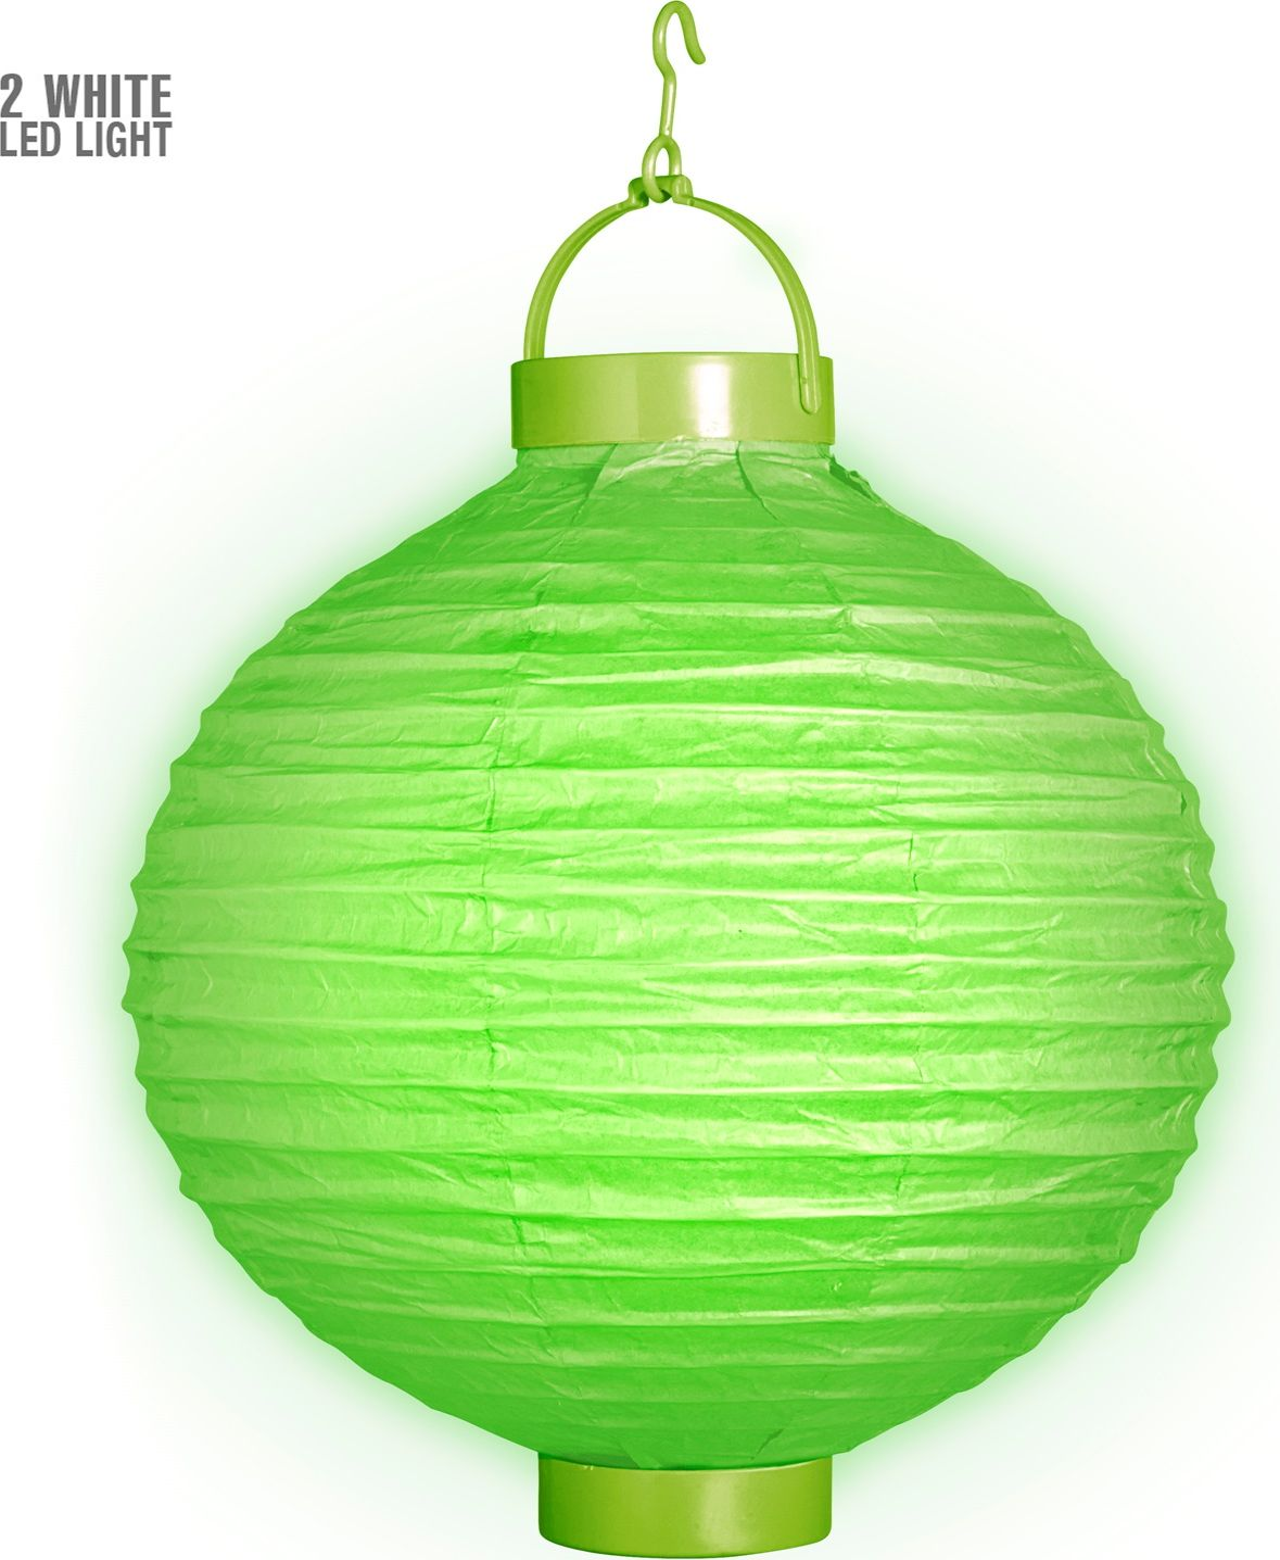 Groene lantaarn met 2 witte LED lichten